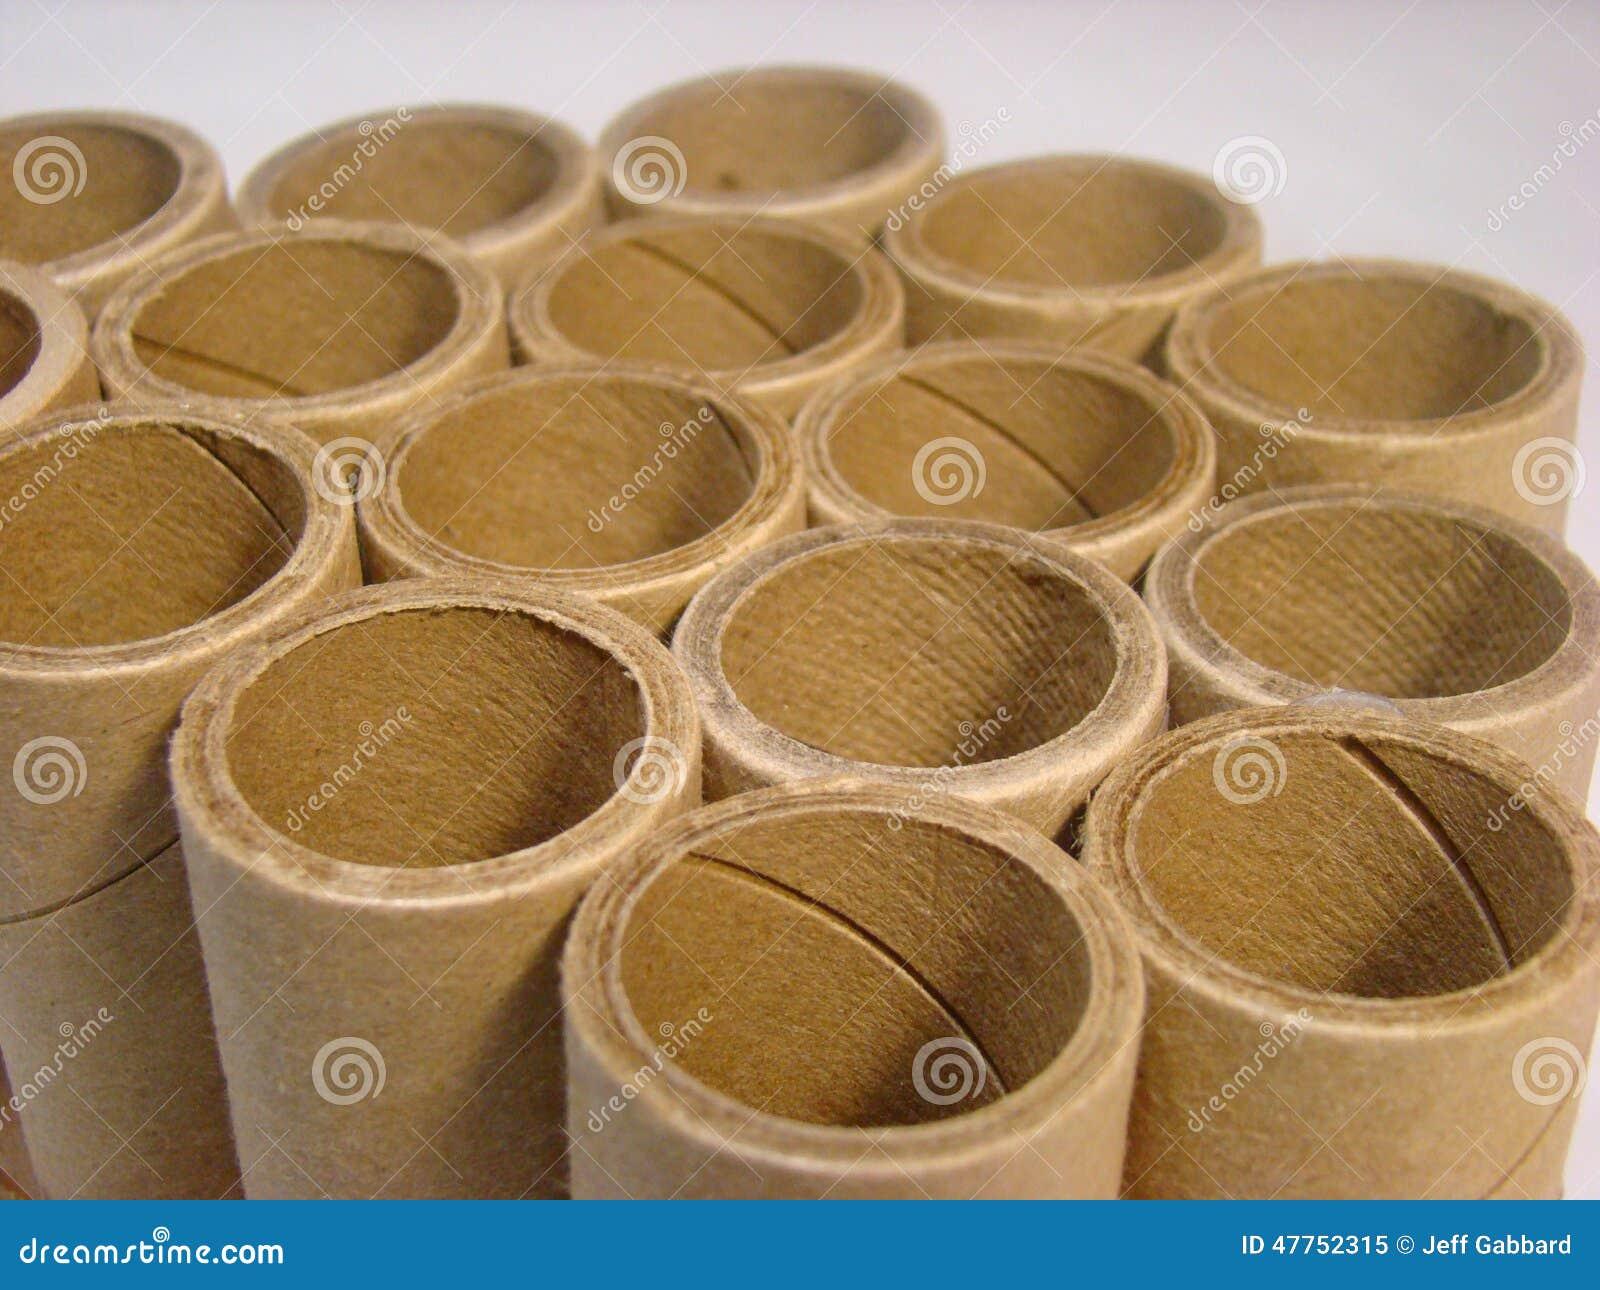 Gruppo di tubi di cartone fotografia stock immagine for Tubi in cartone